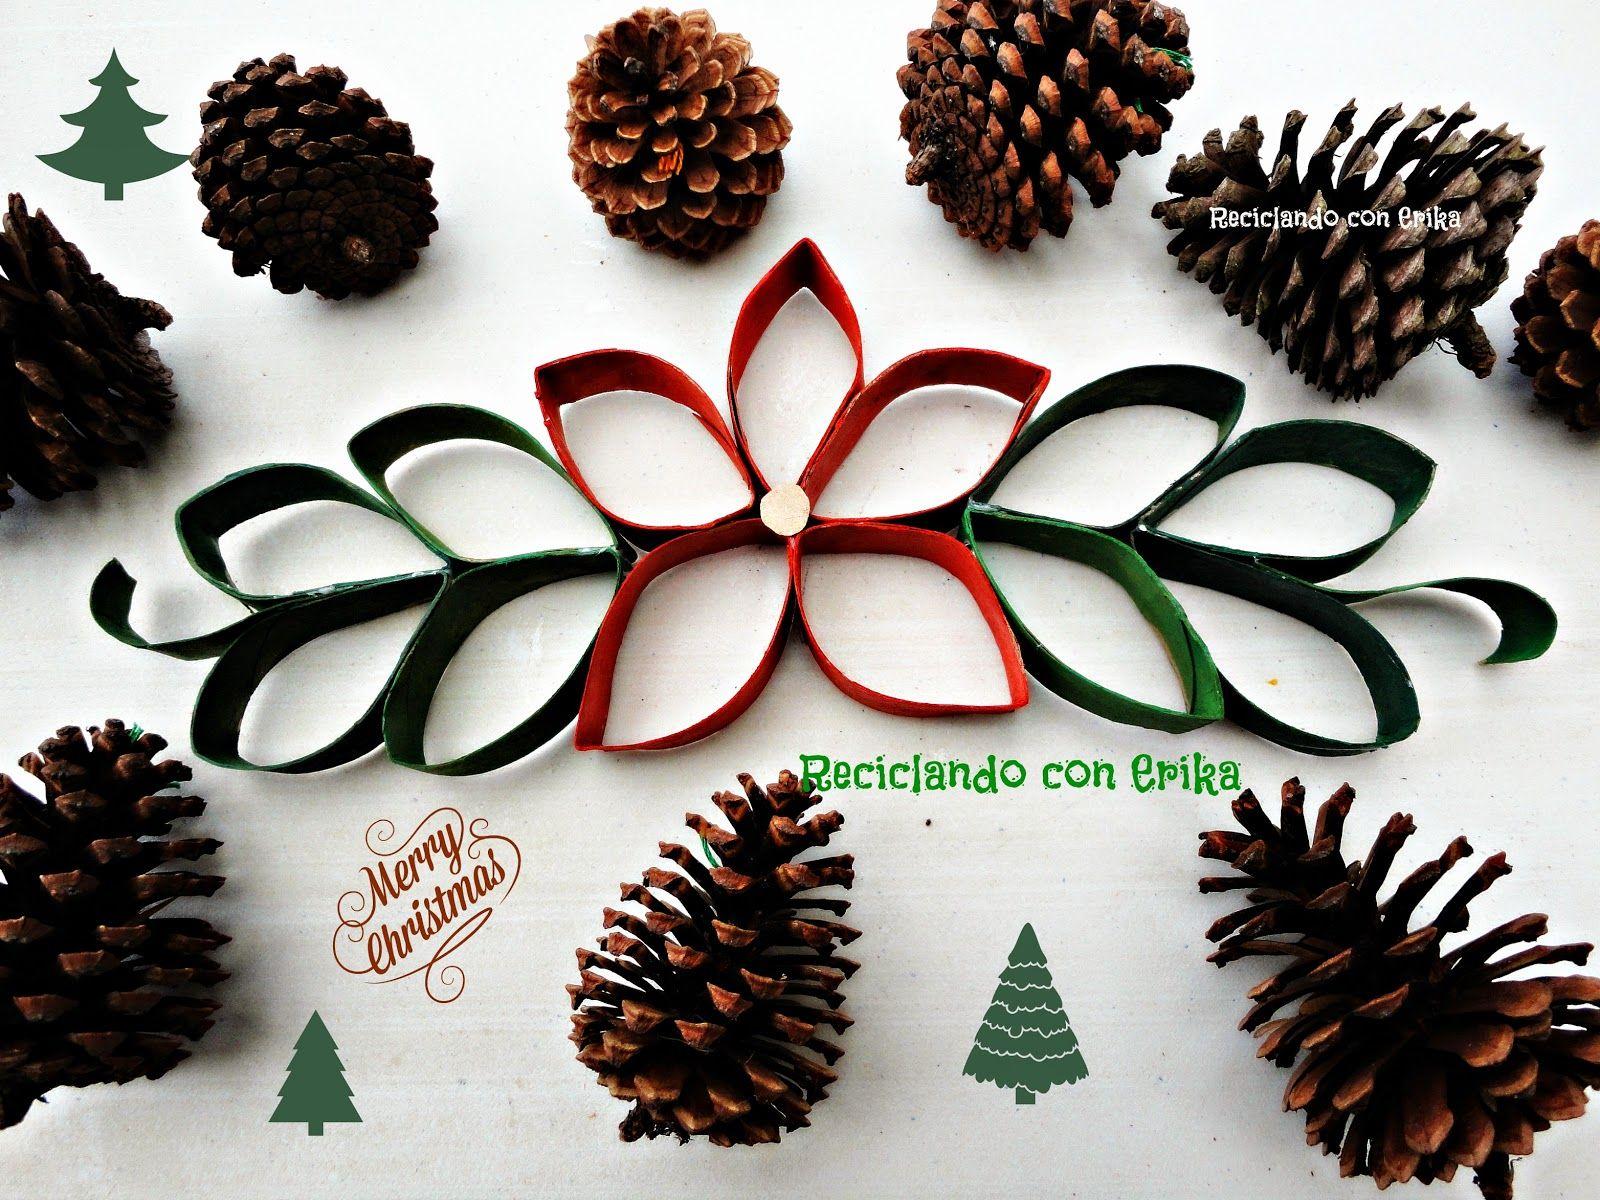 Detalles decorativos de navidad diy de bajo costo - Decorativos de navidad ...